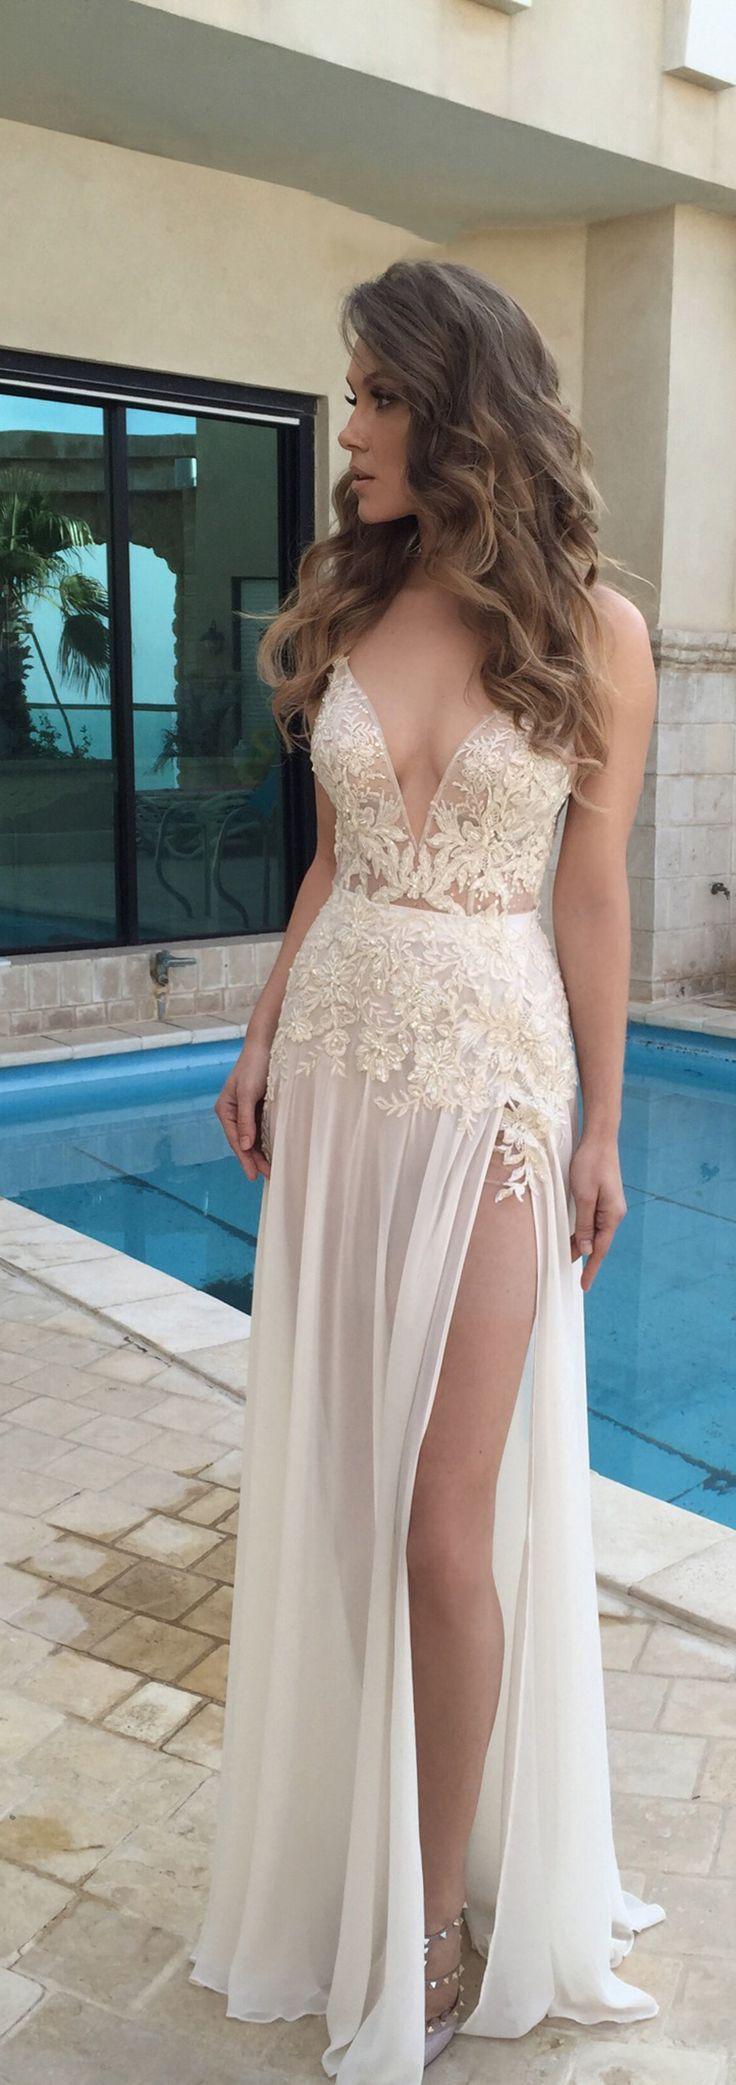 goodliness fashion #dresses #luxury 2017 designer dress #cute dresses 2018e-news.com